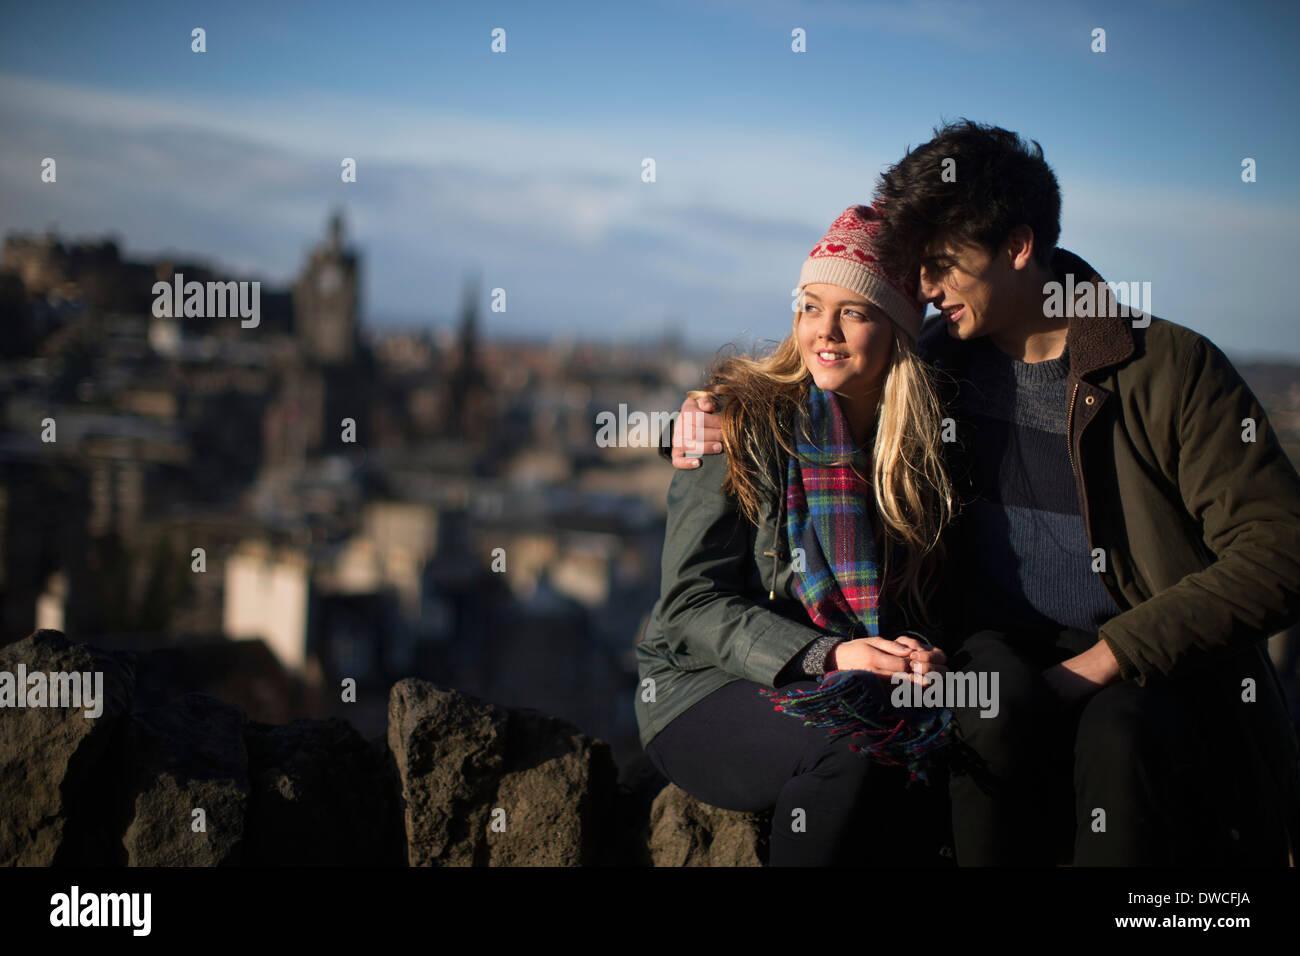 Una giovane coppia abbraccio su Calton Hill con lo sfondo della città di Edimburgo, capitale della Scozia Immagini Stock